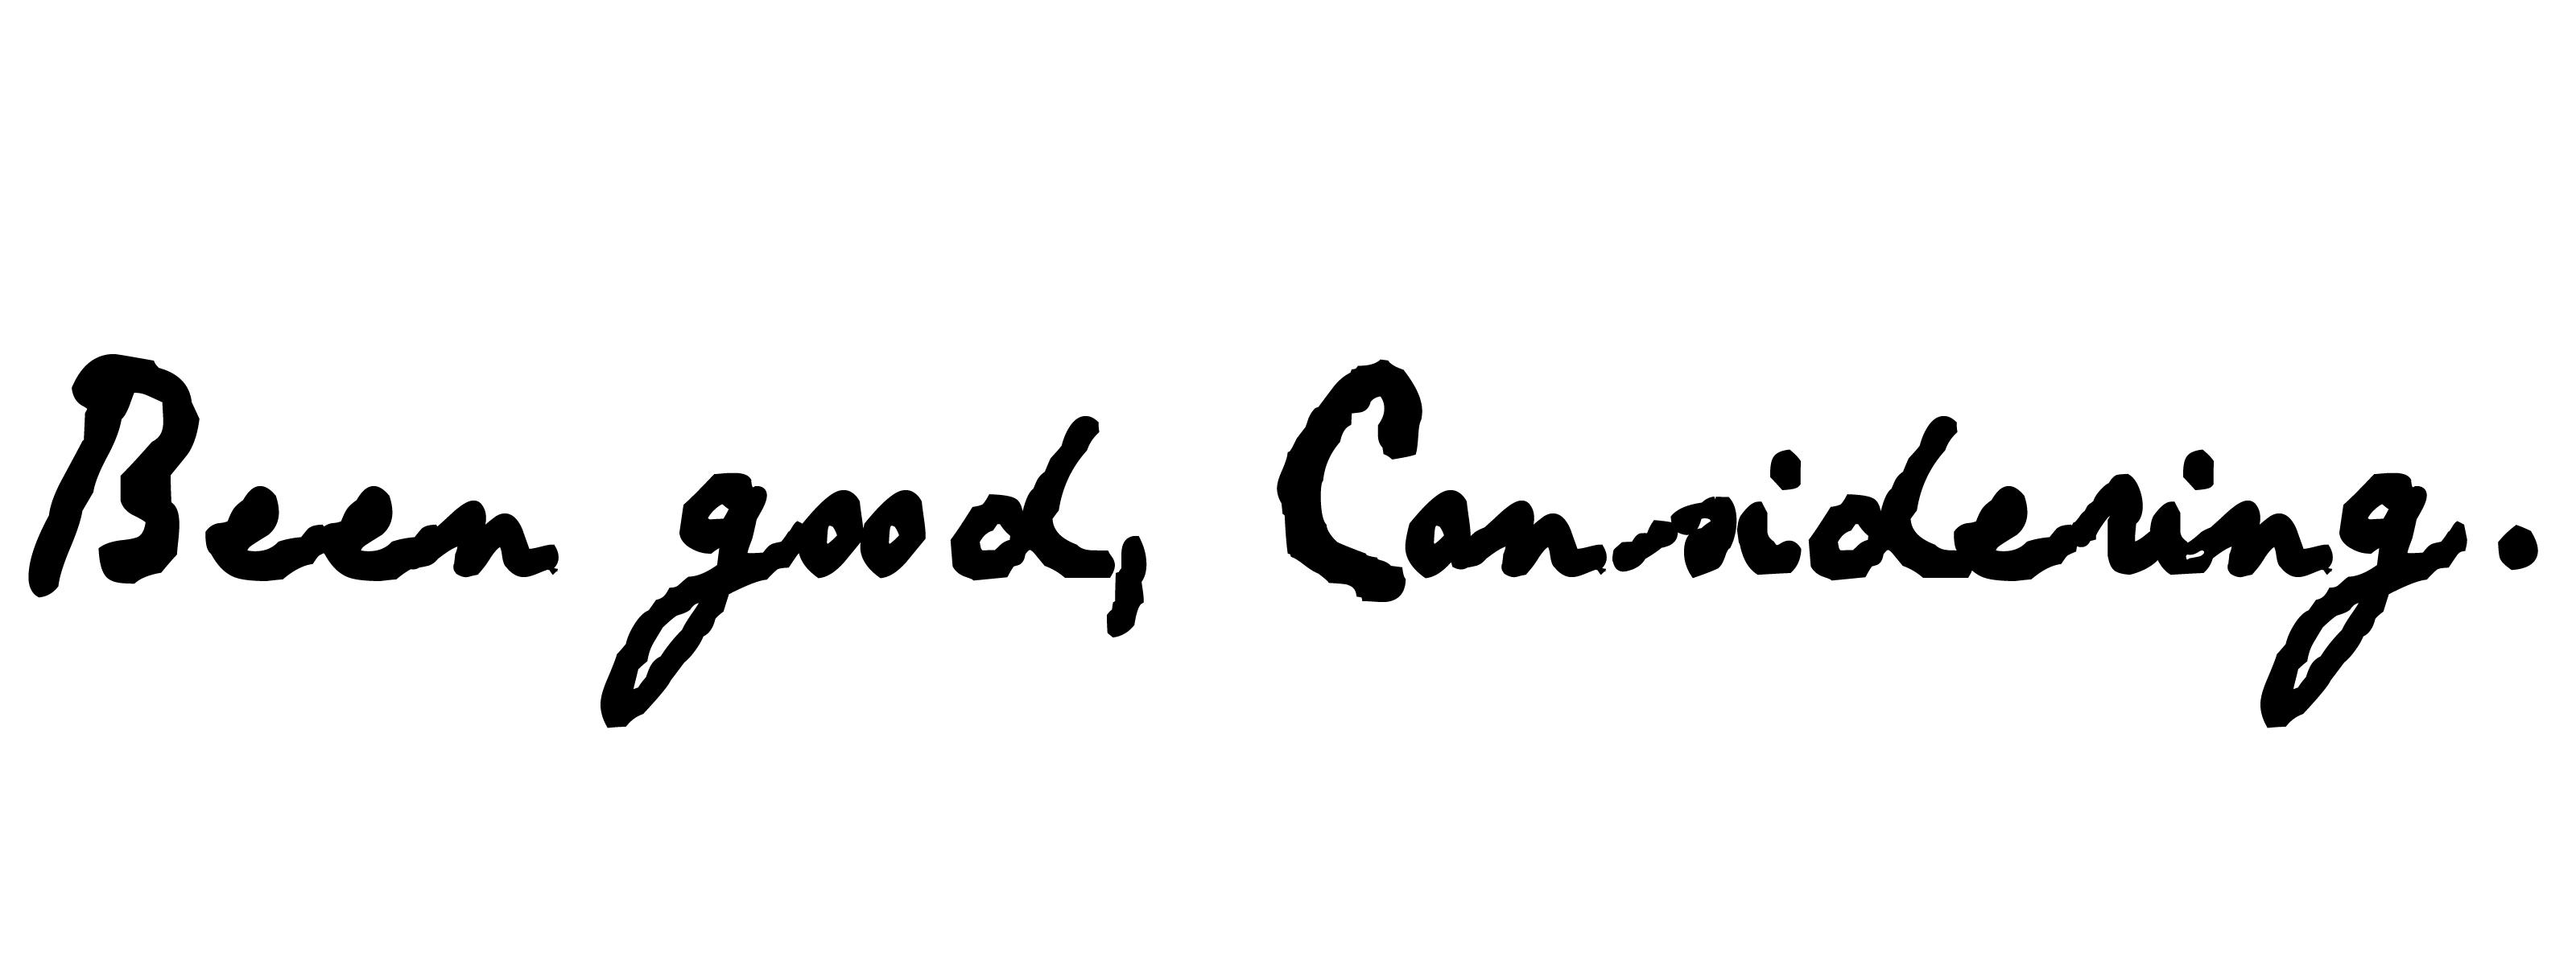 Been good, con